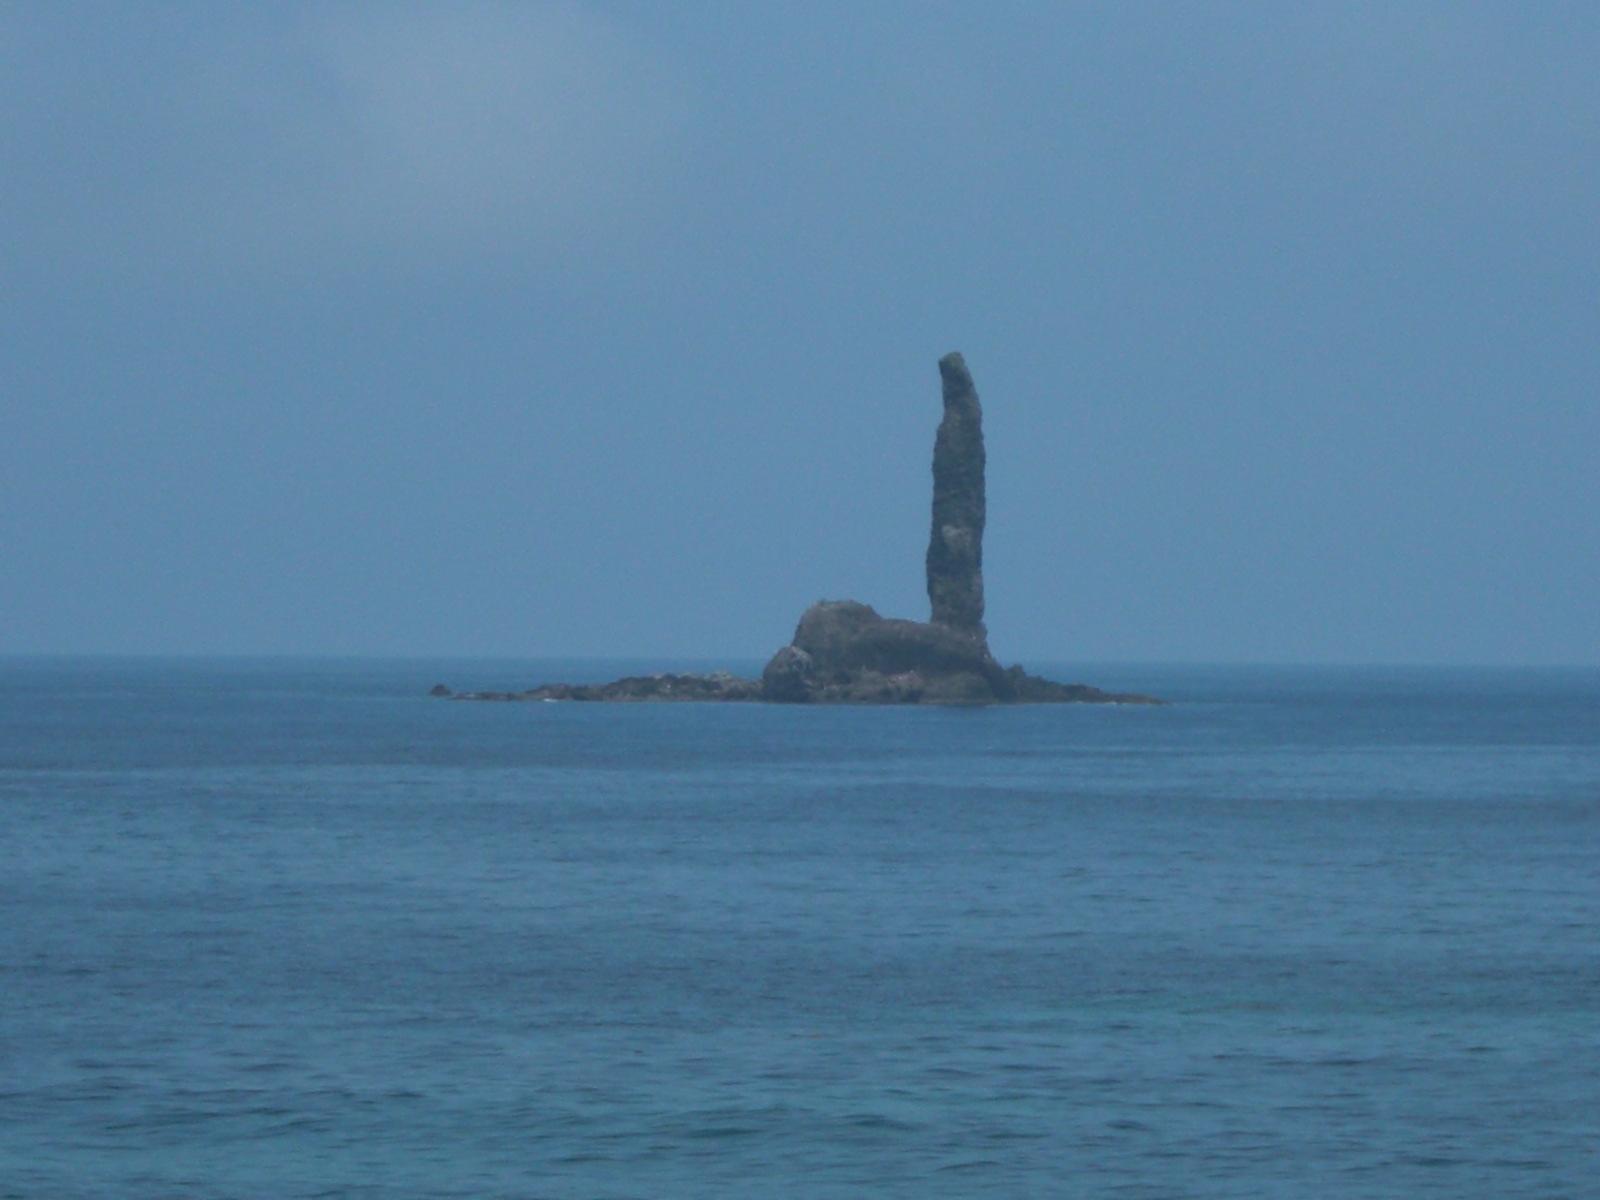 【積丹半島】ローソク岩・恵比寿岩・大黒岩観光案内です。